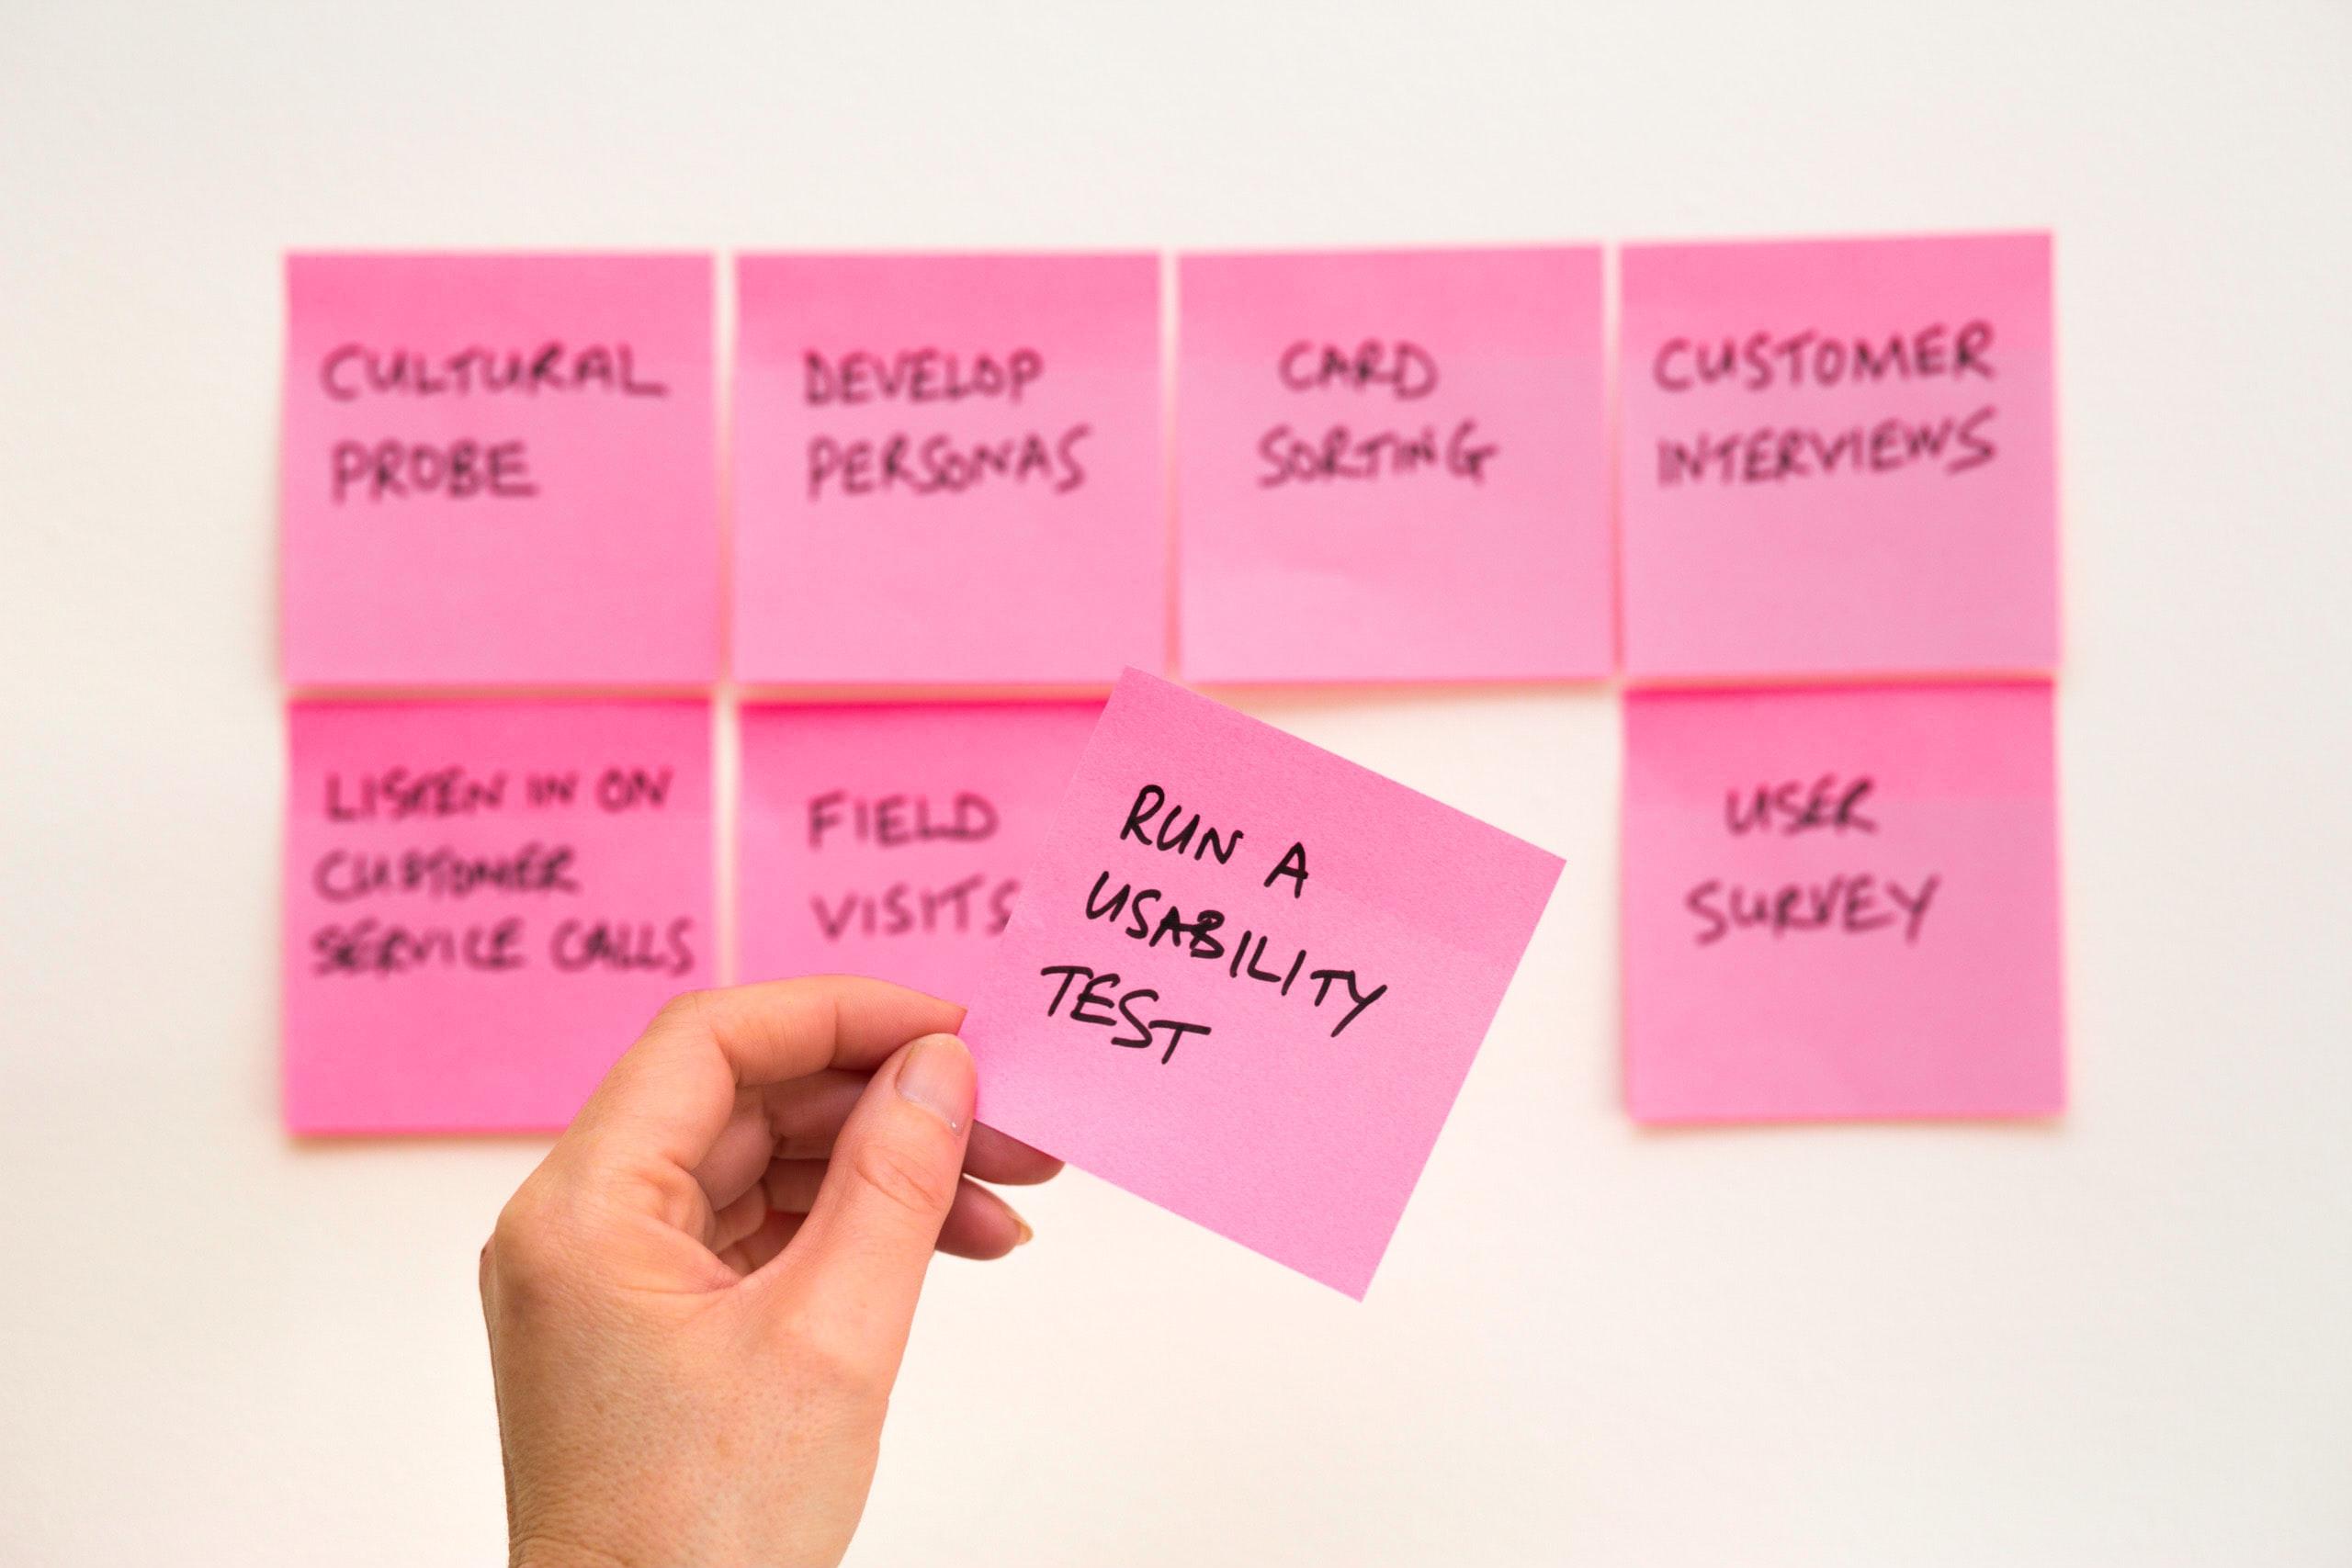 Imagem com papéis adesivos colados à parede com os nomes das ferramentas e método de Usabilidade.